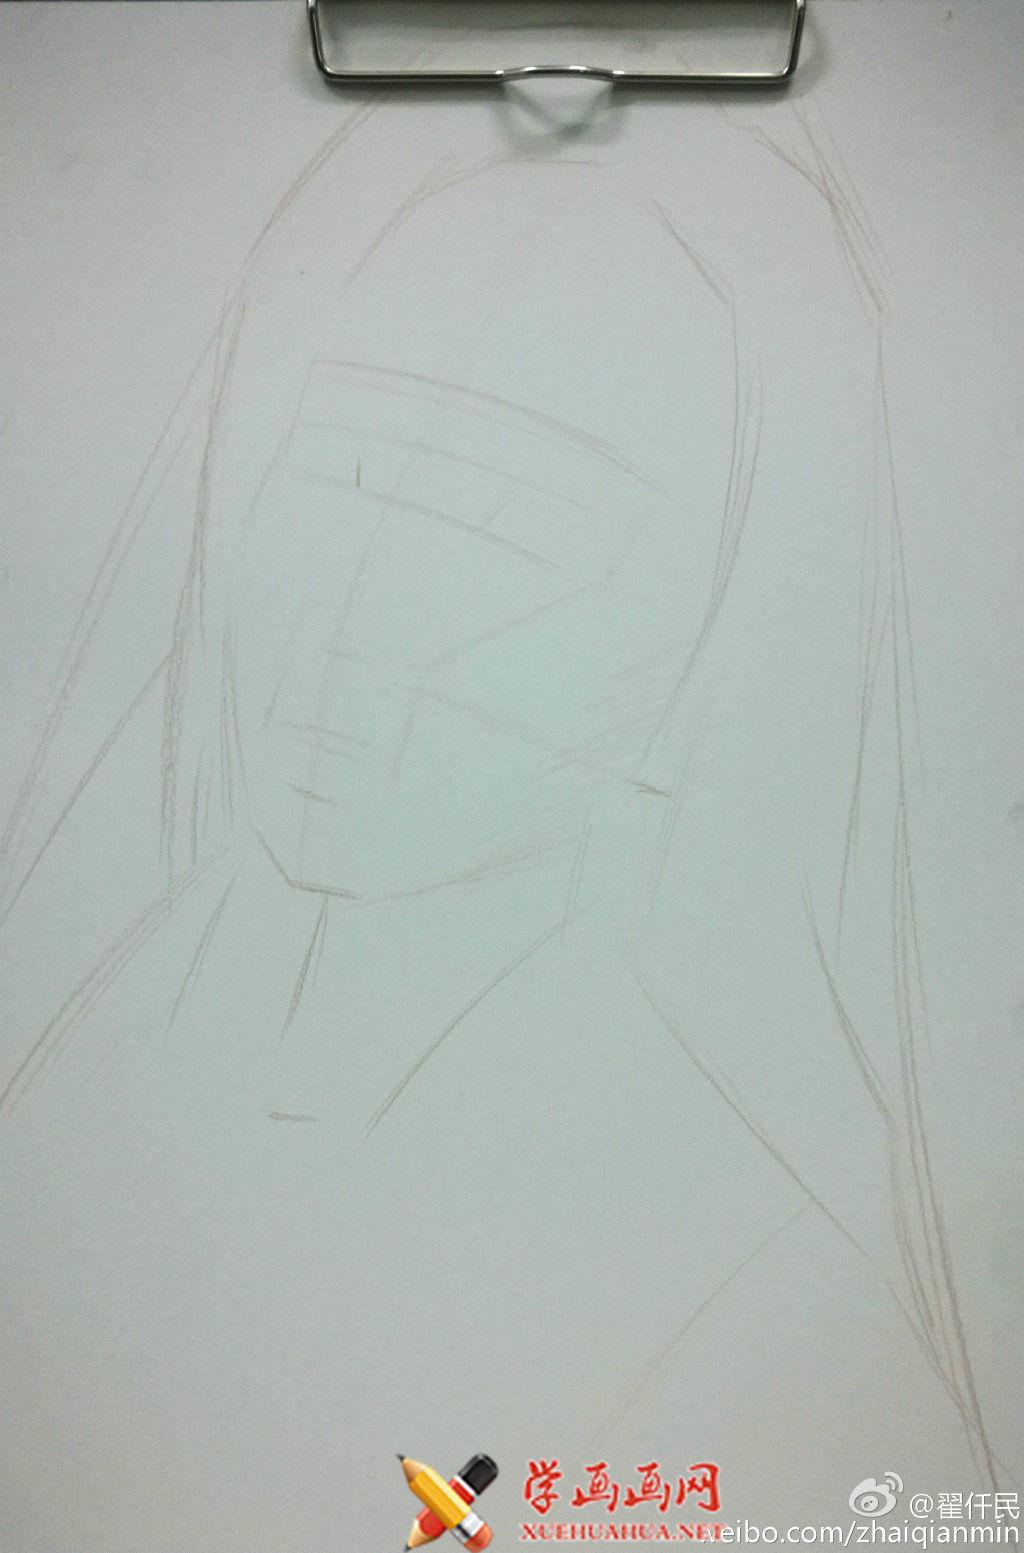 大神手绘彩铅画美女步骤过程(2)